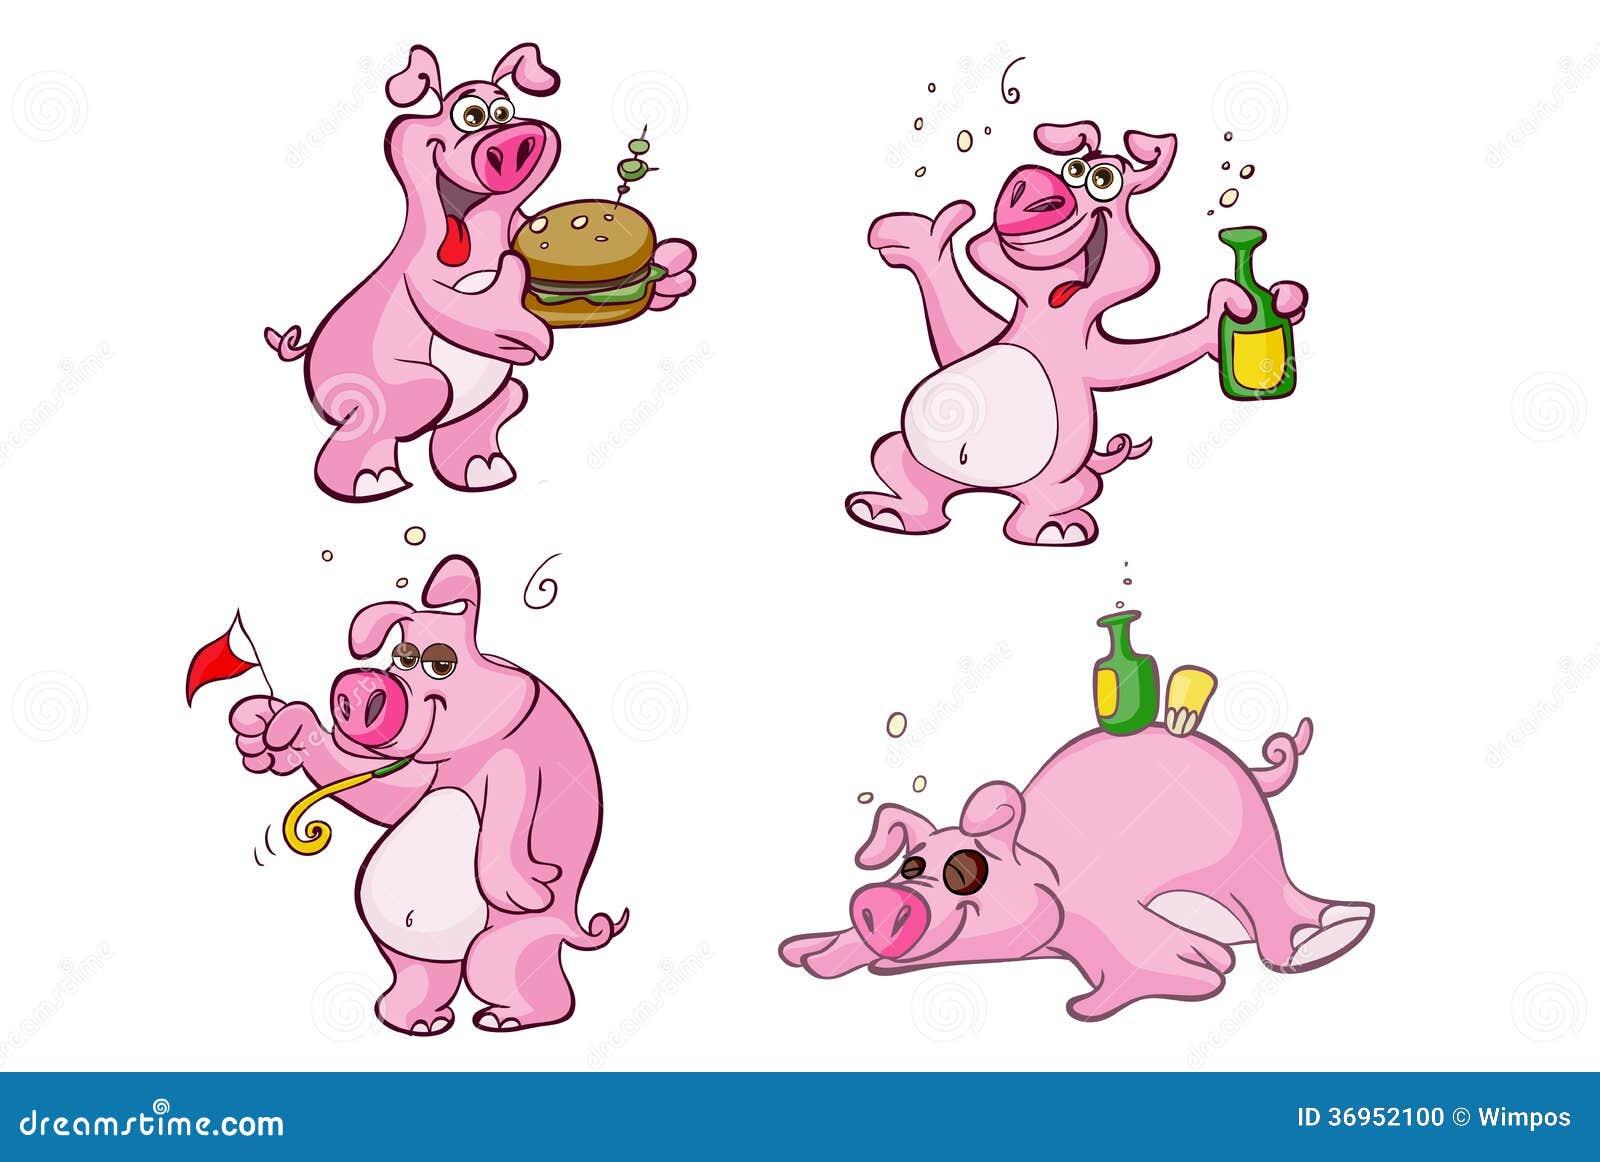 Personajes De Dibujos Animados Borrachos Y Hambrientos Del Cerdo ...